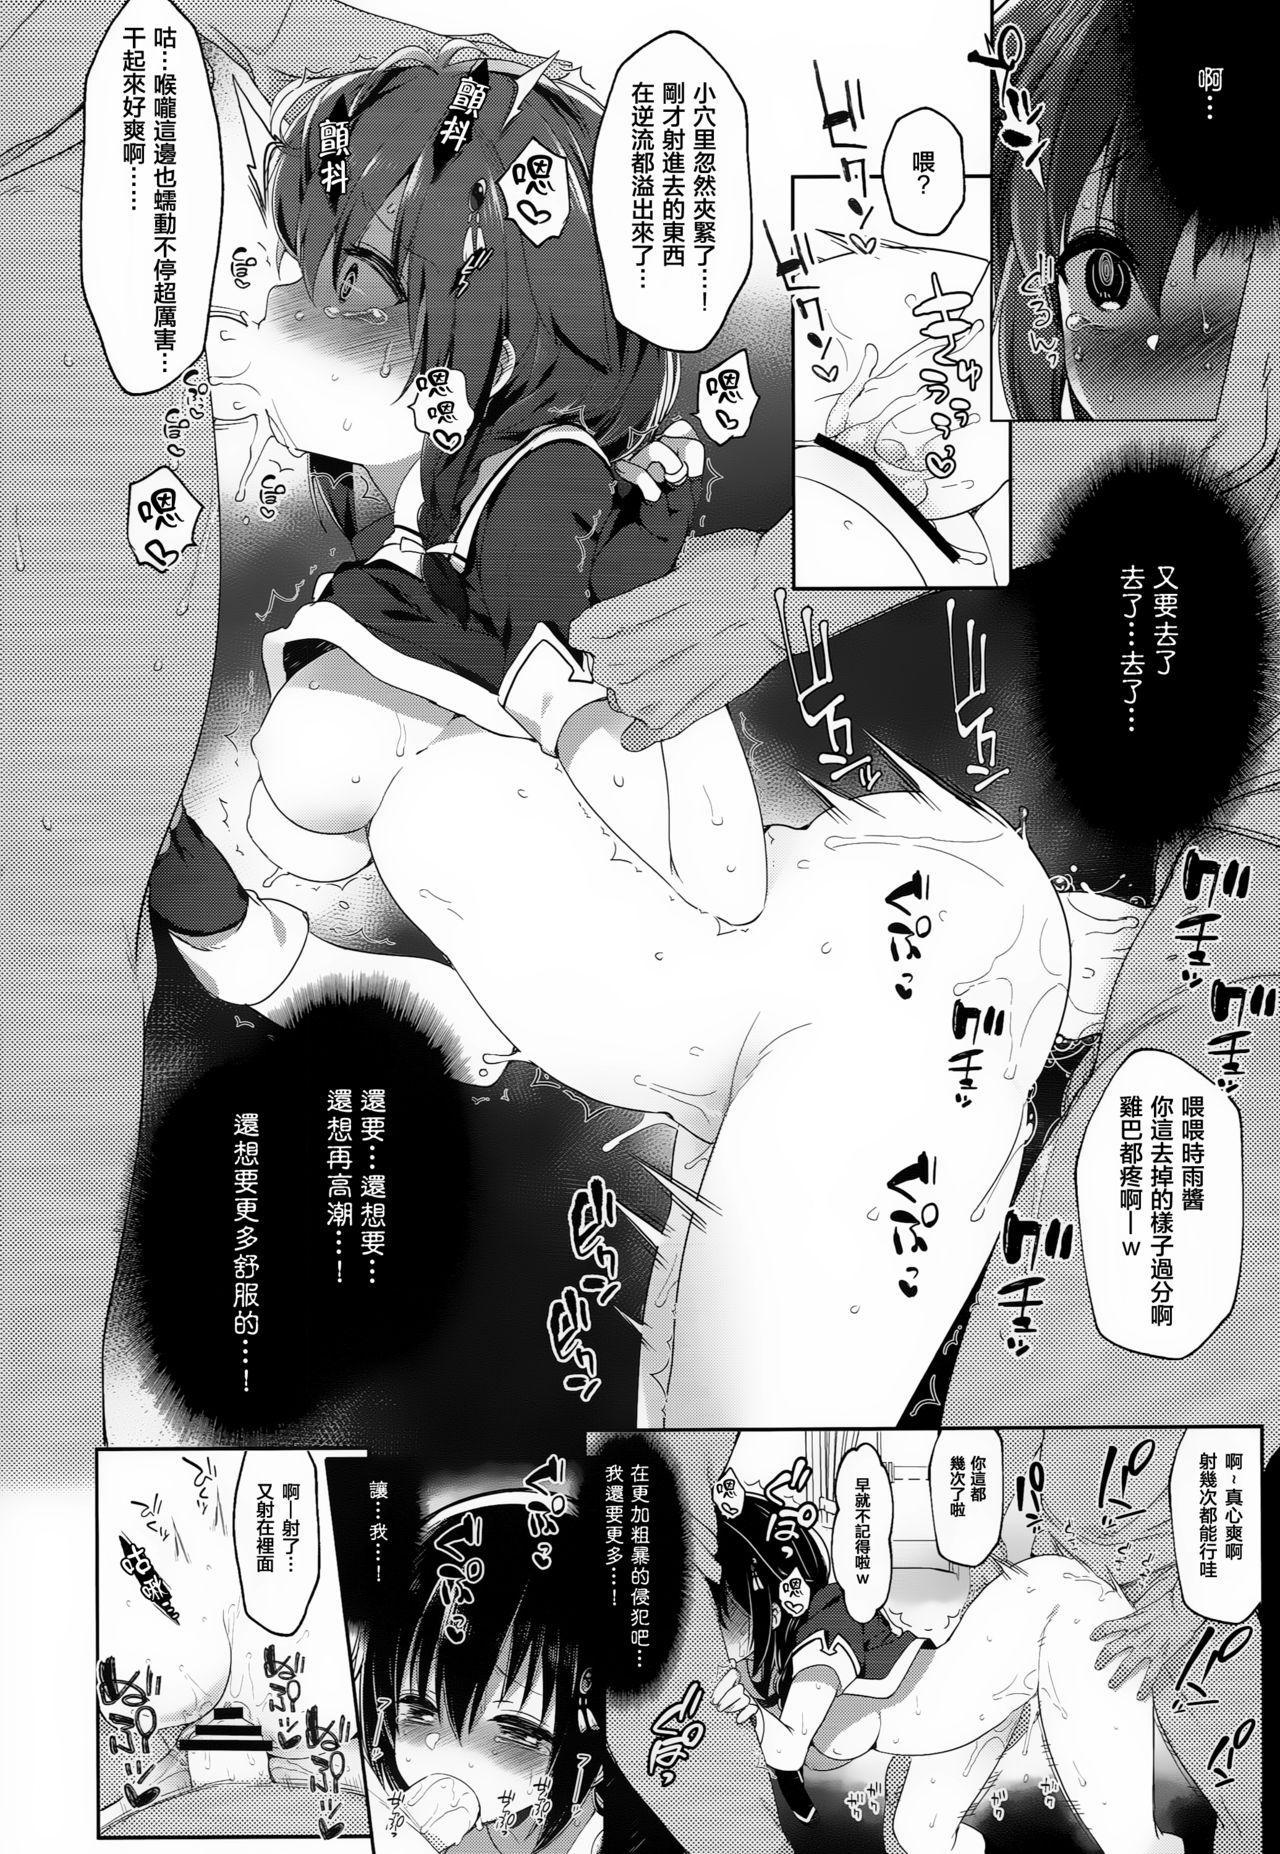 Hishokan Shigure 15